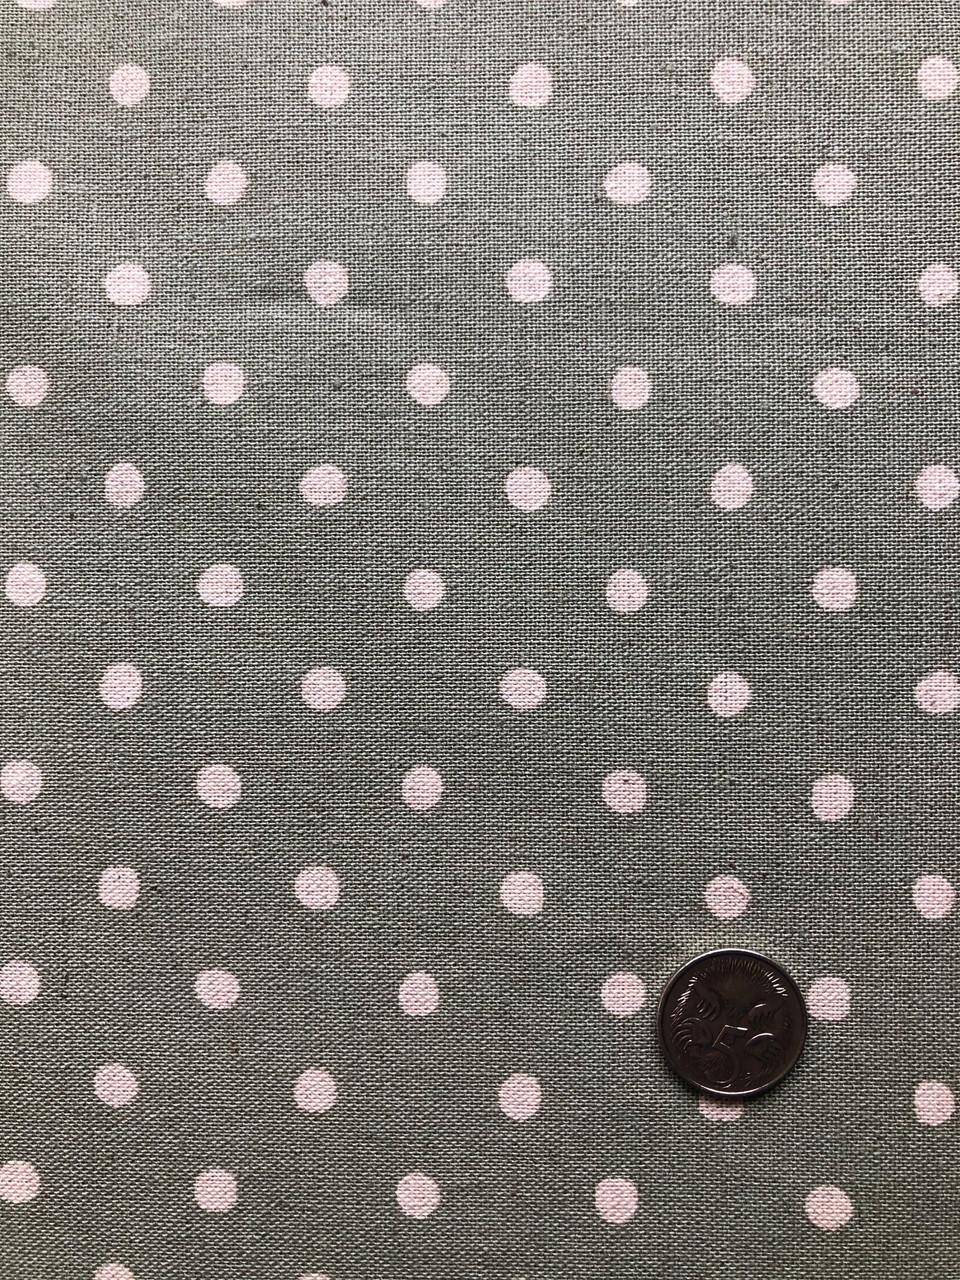 Linen Dot - Small on Green